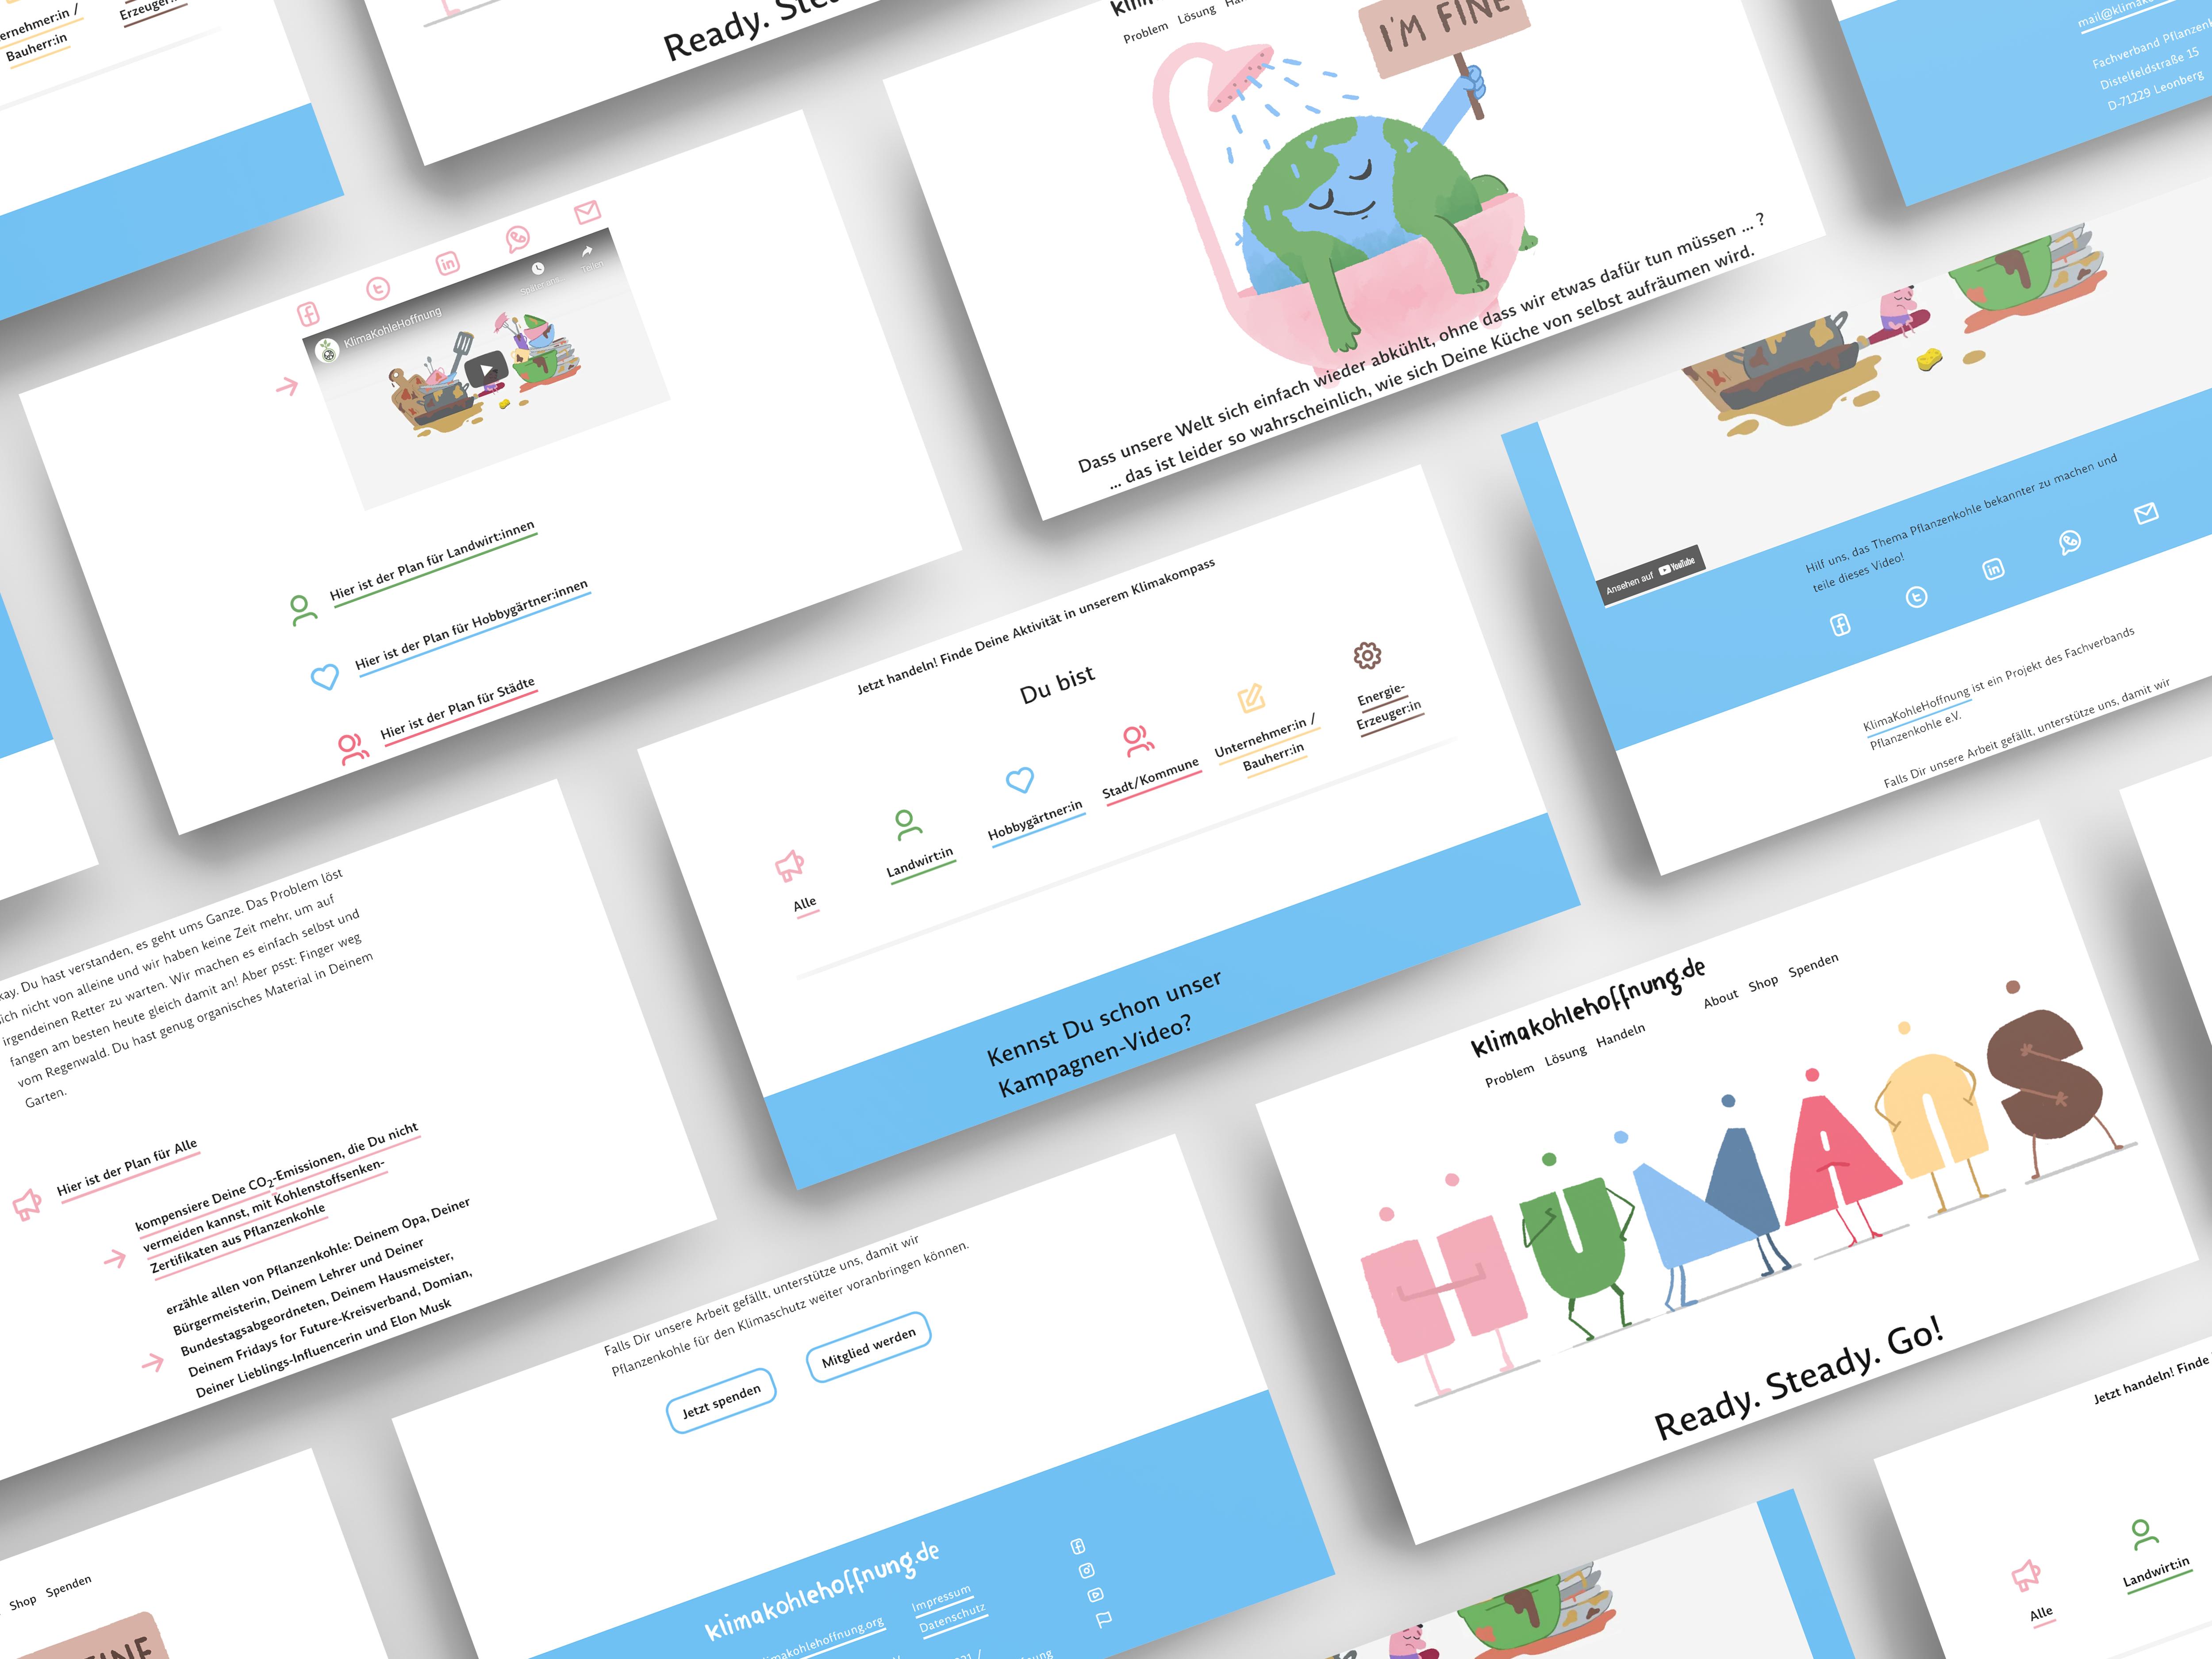 screenshots from webdesign project klimakohlehoffnung.org